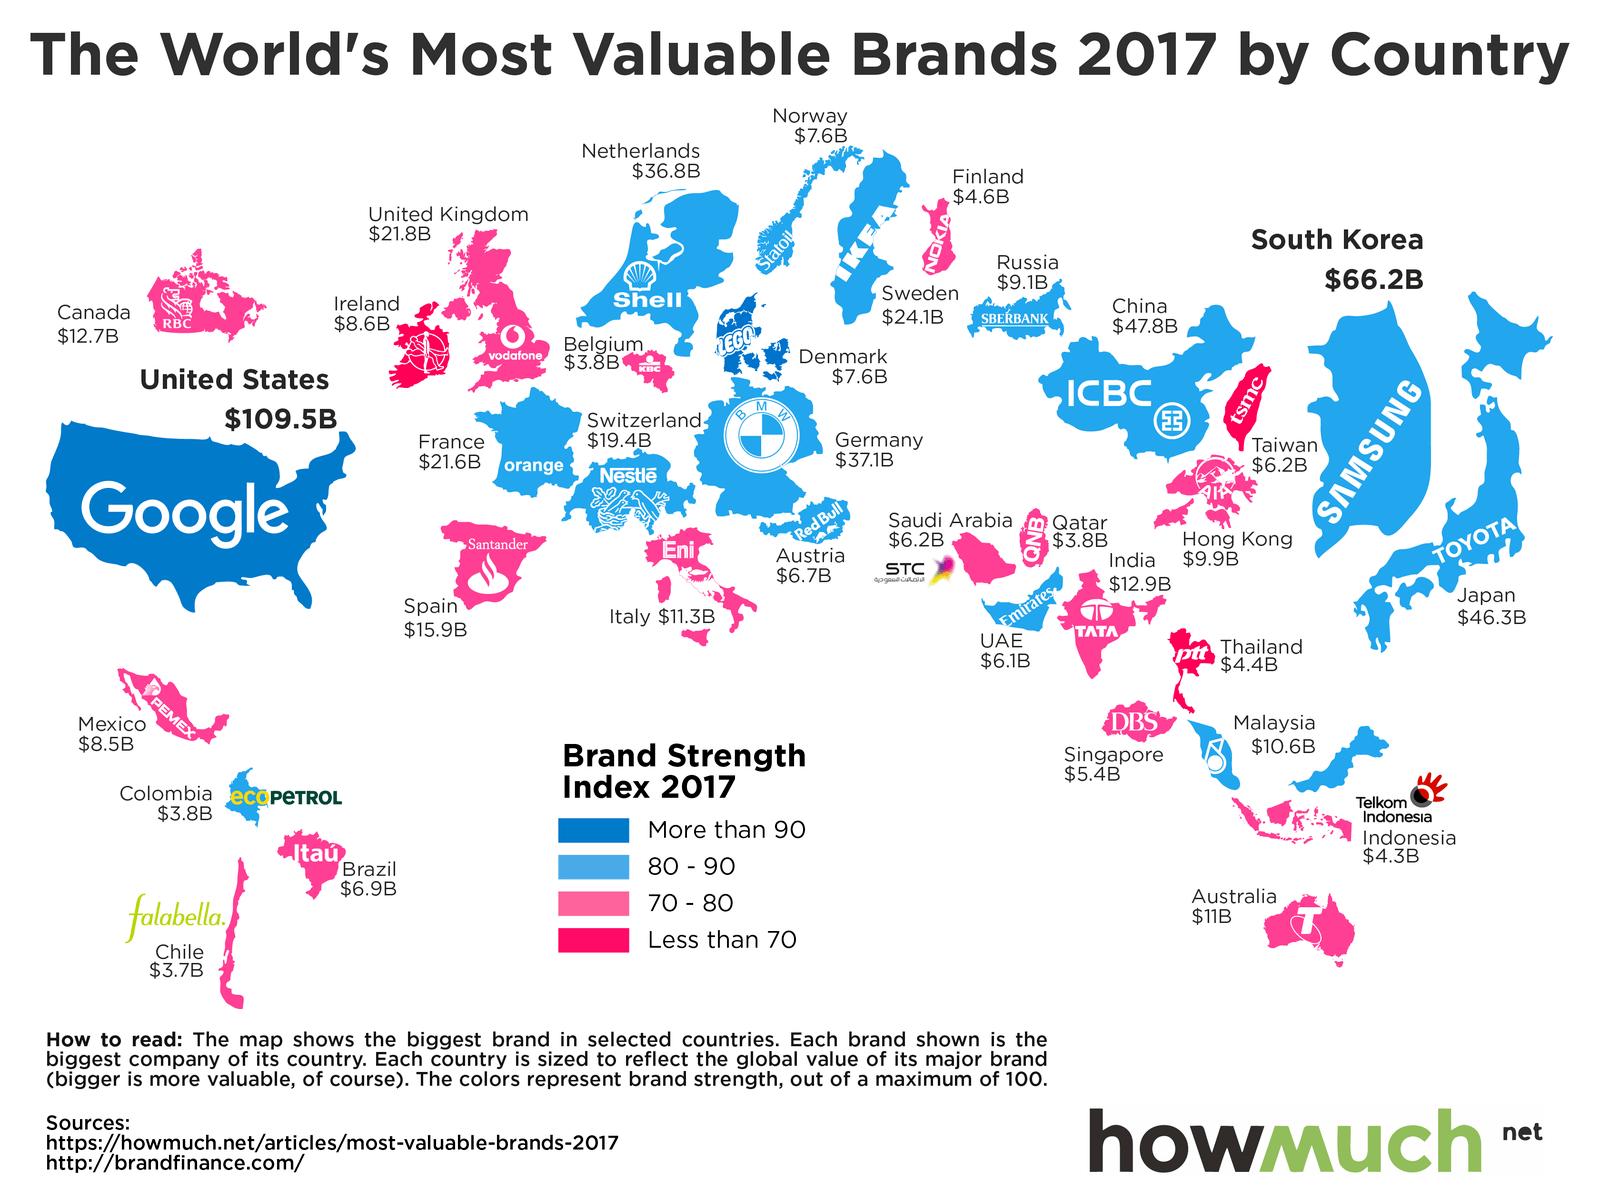 Размещен рейтинг самых дорогих автомобильных брендов 2018 года